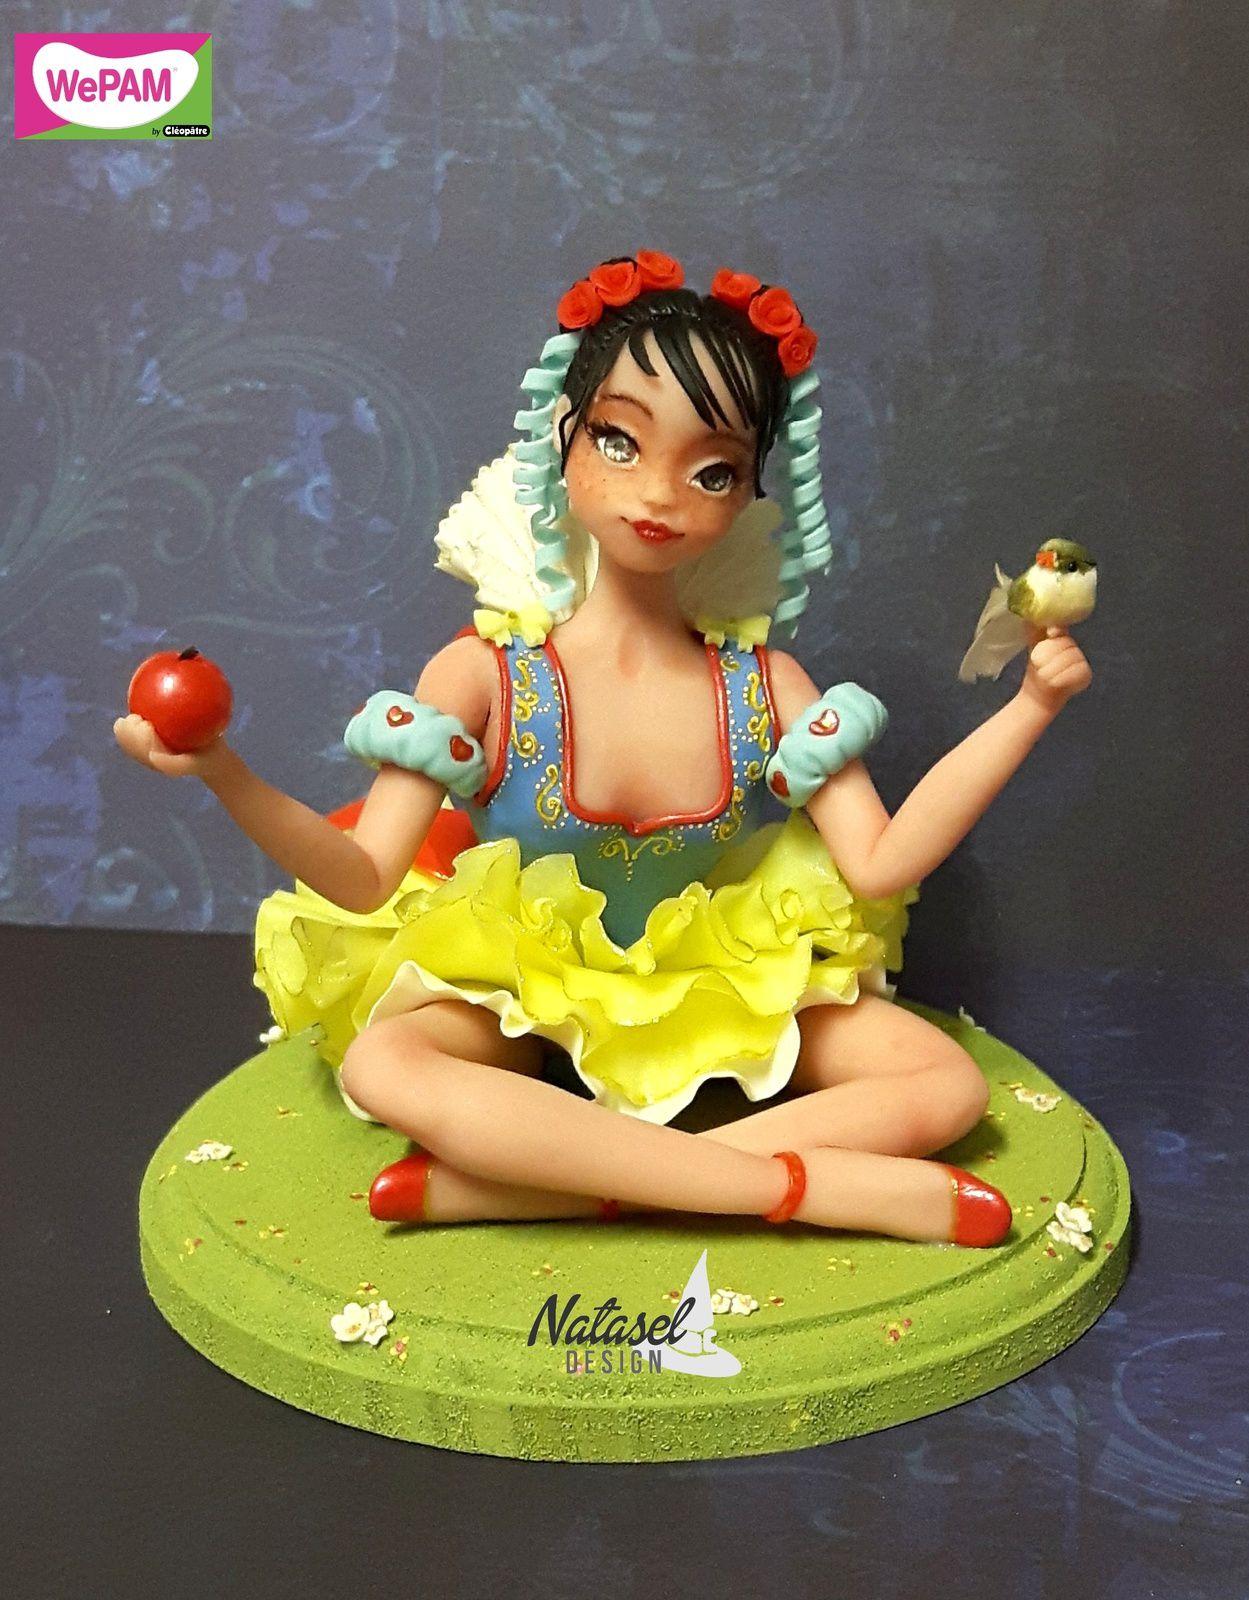 Blanche-Neige, croquera, croquera pas la pomme ?